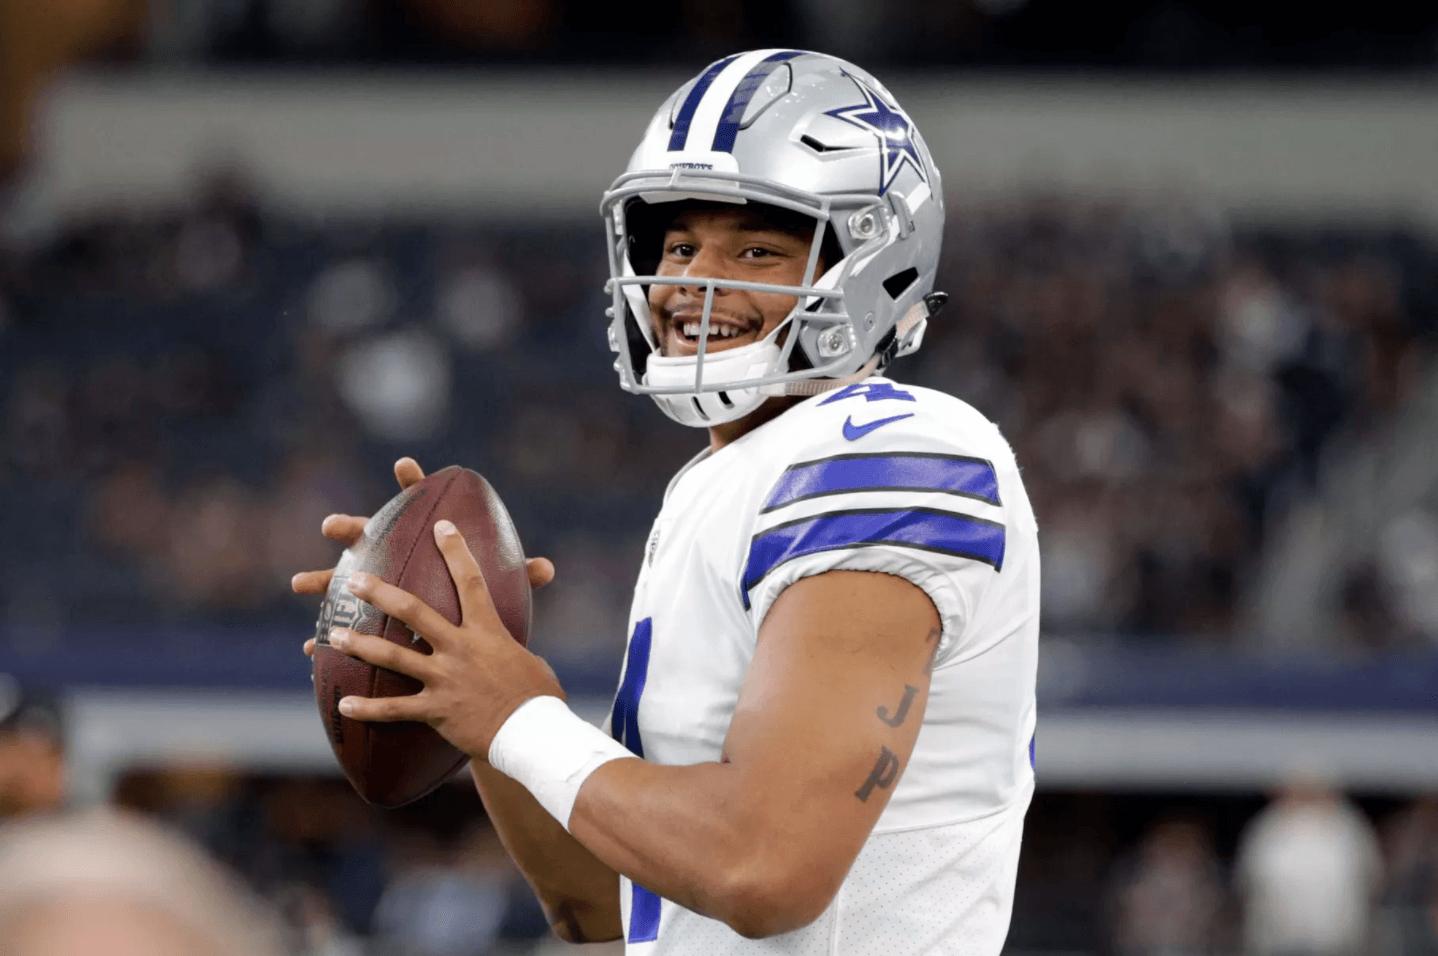 Cowboys news: Dak Prescott wants to take 'next step' rather than.